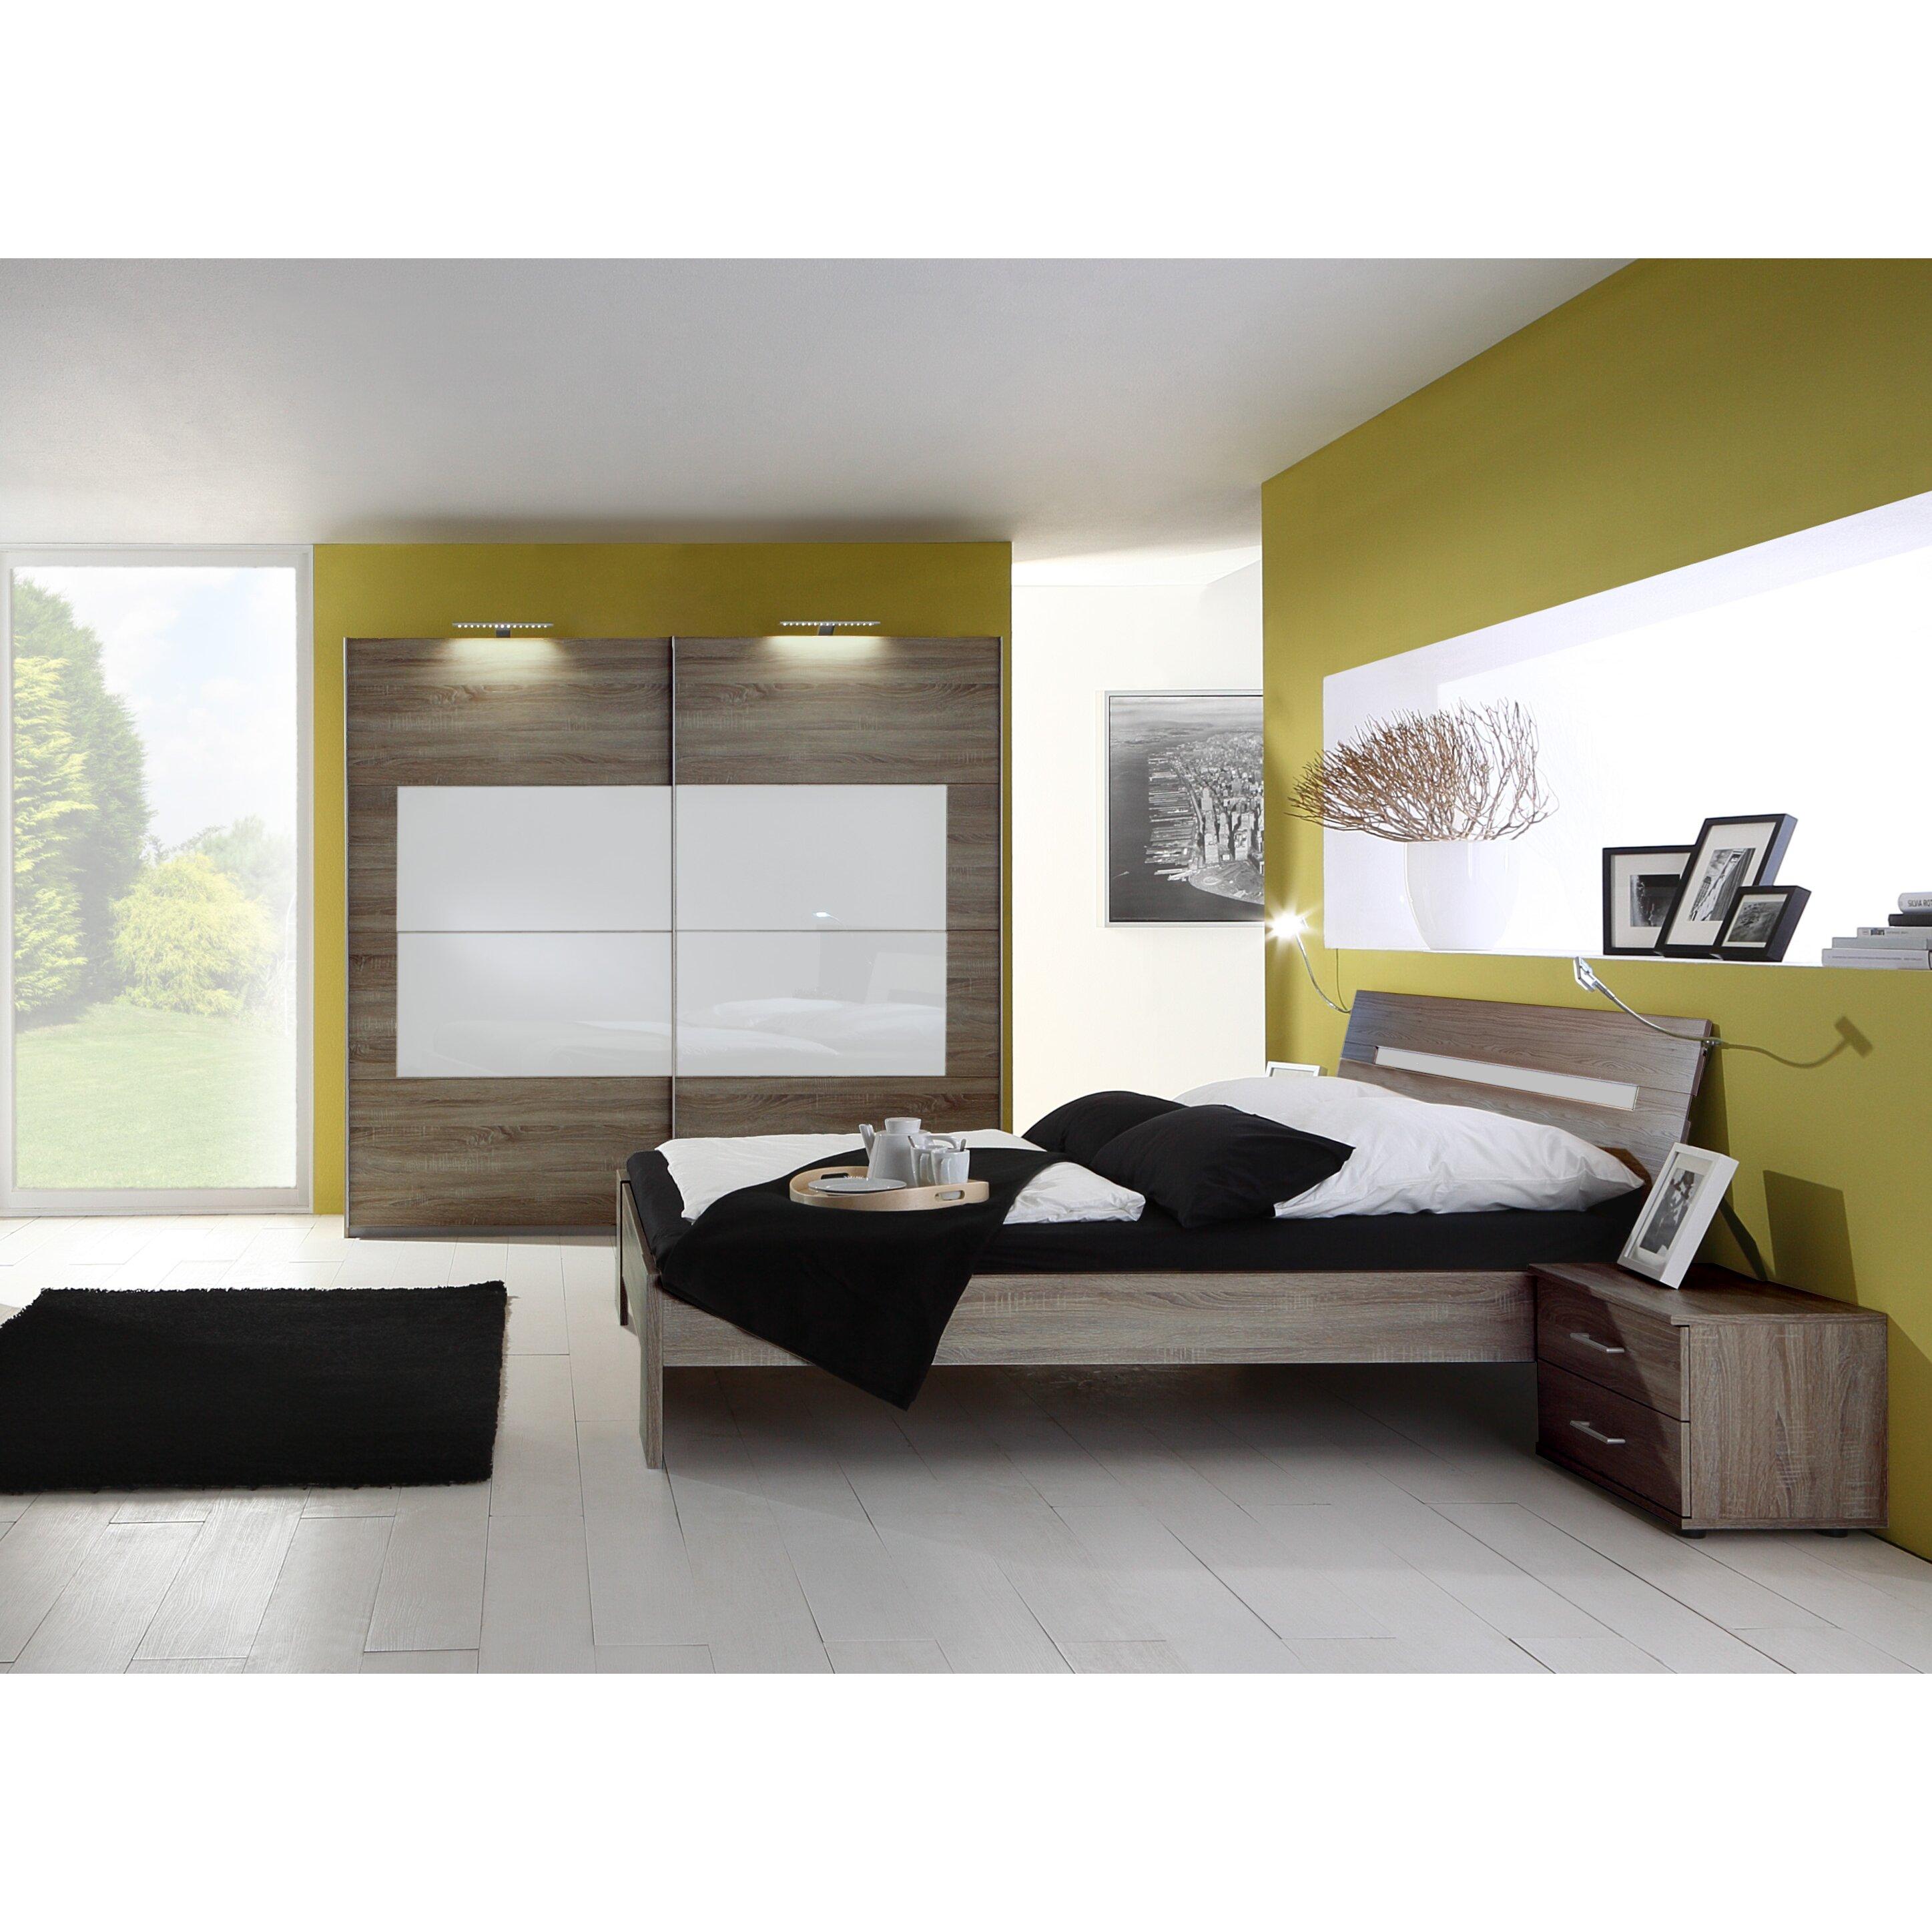 4-tlg. Schlafzimmer-Set Sanary, 180 x 200 cm von Wimex ...